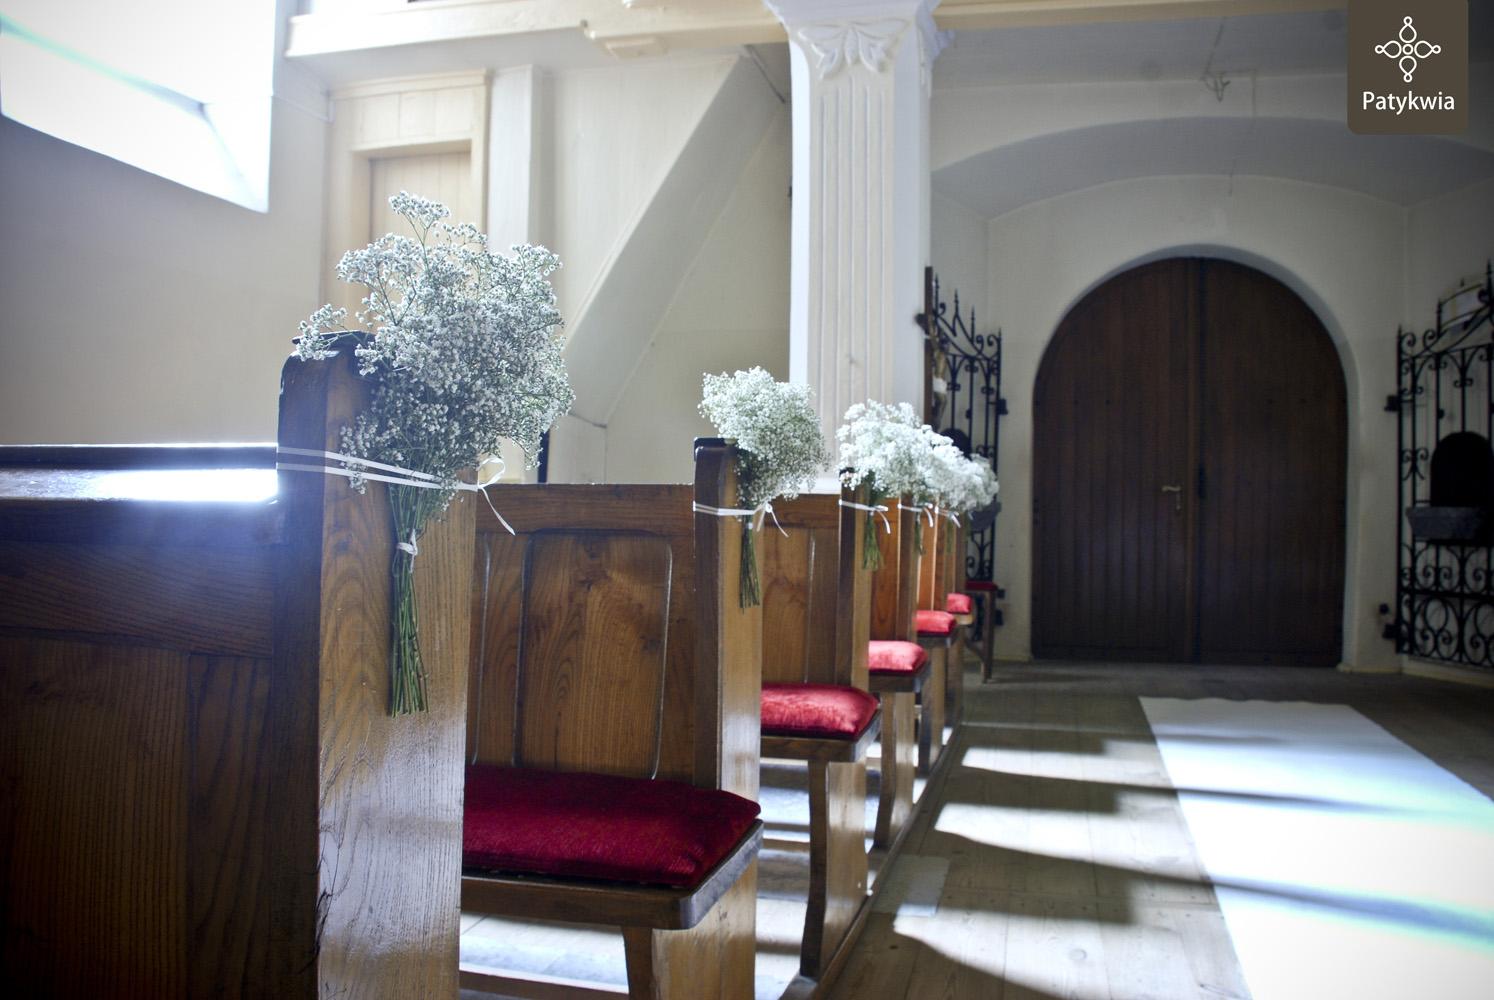 dekoracja kościoła gipsówka